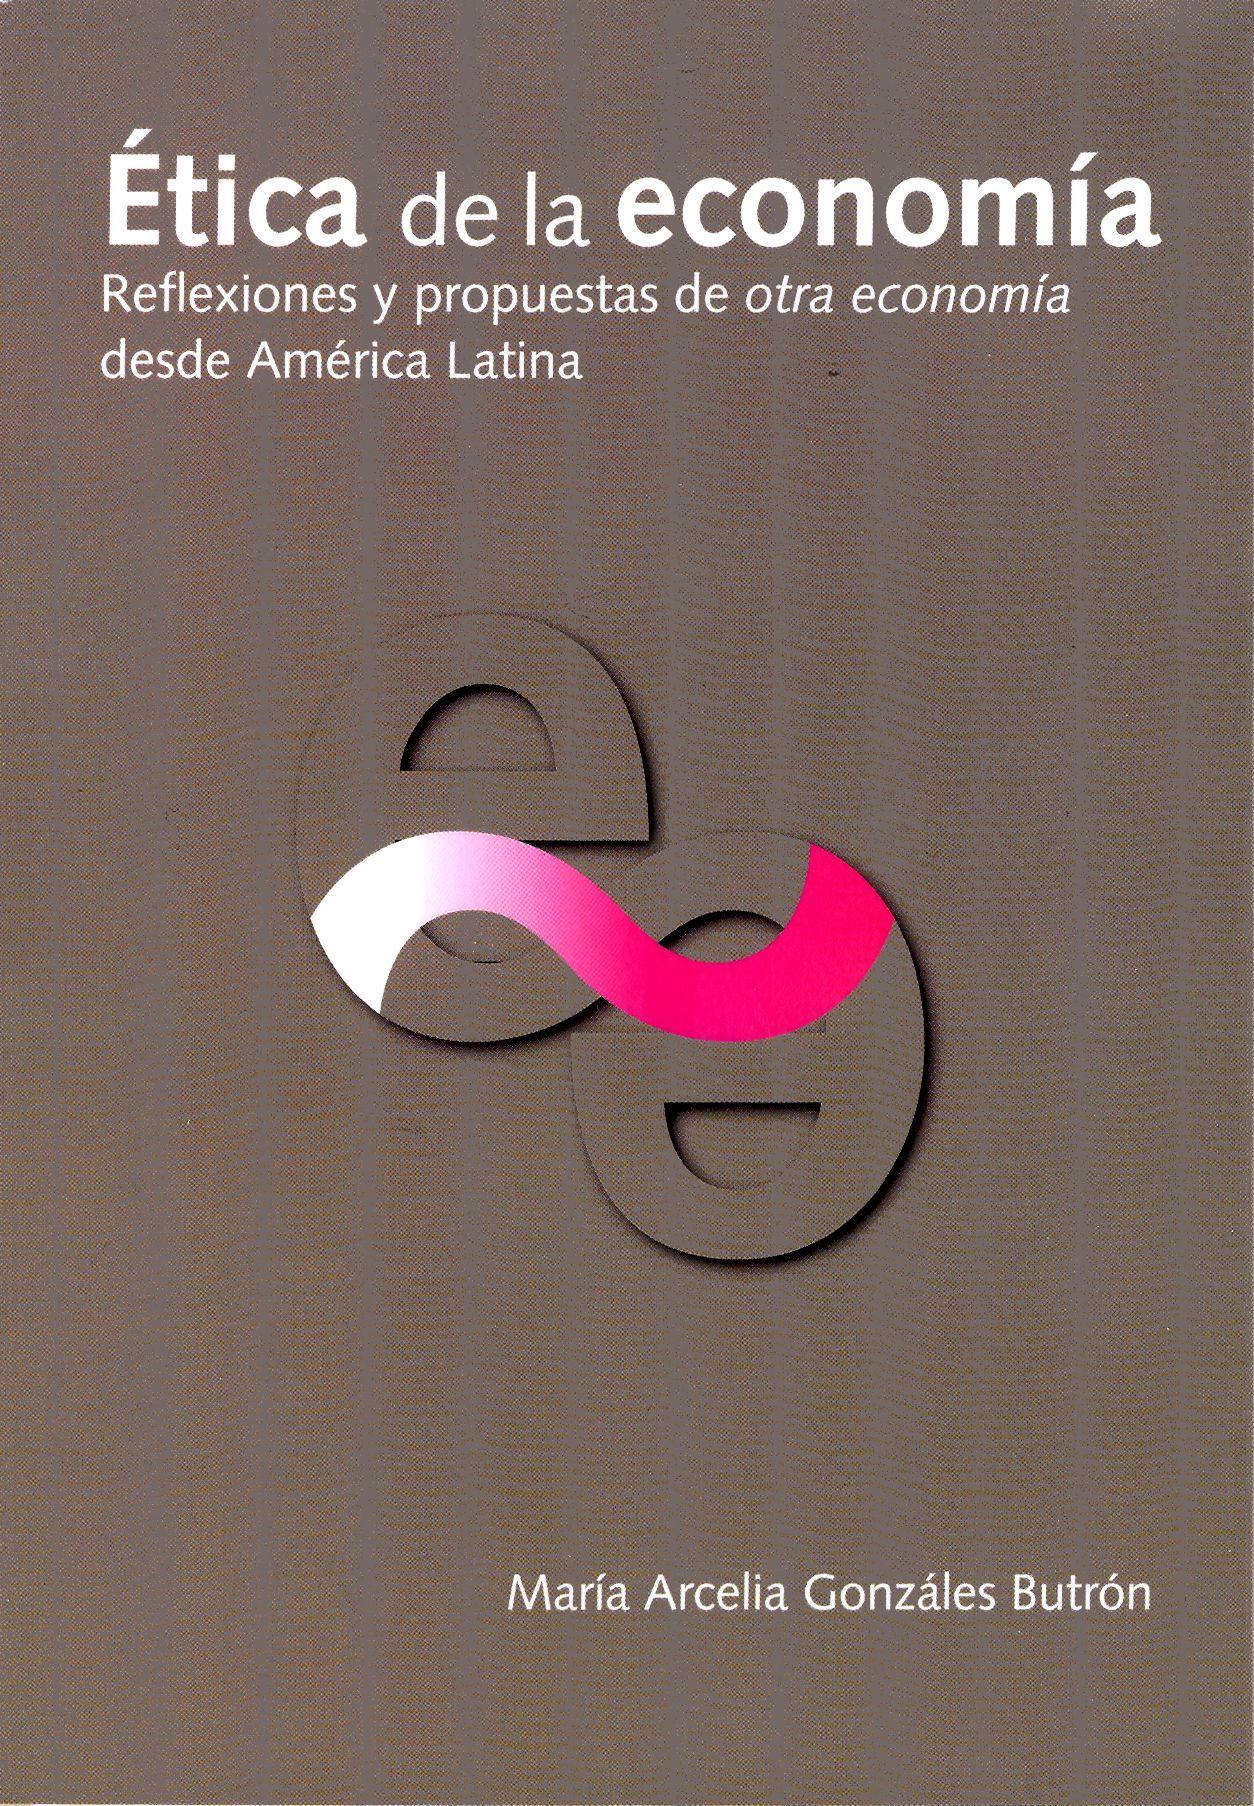 Ética de la economía. Reflexiones y propuestas de otra economía desde América Latina